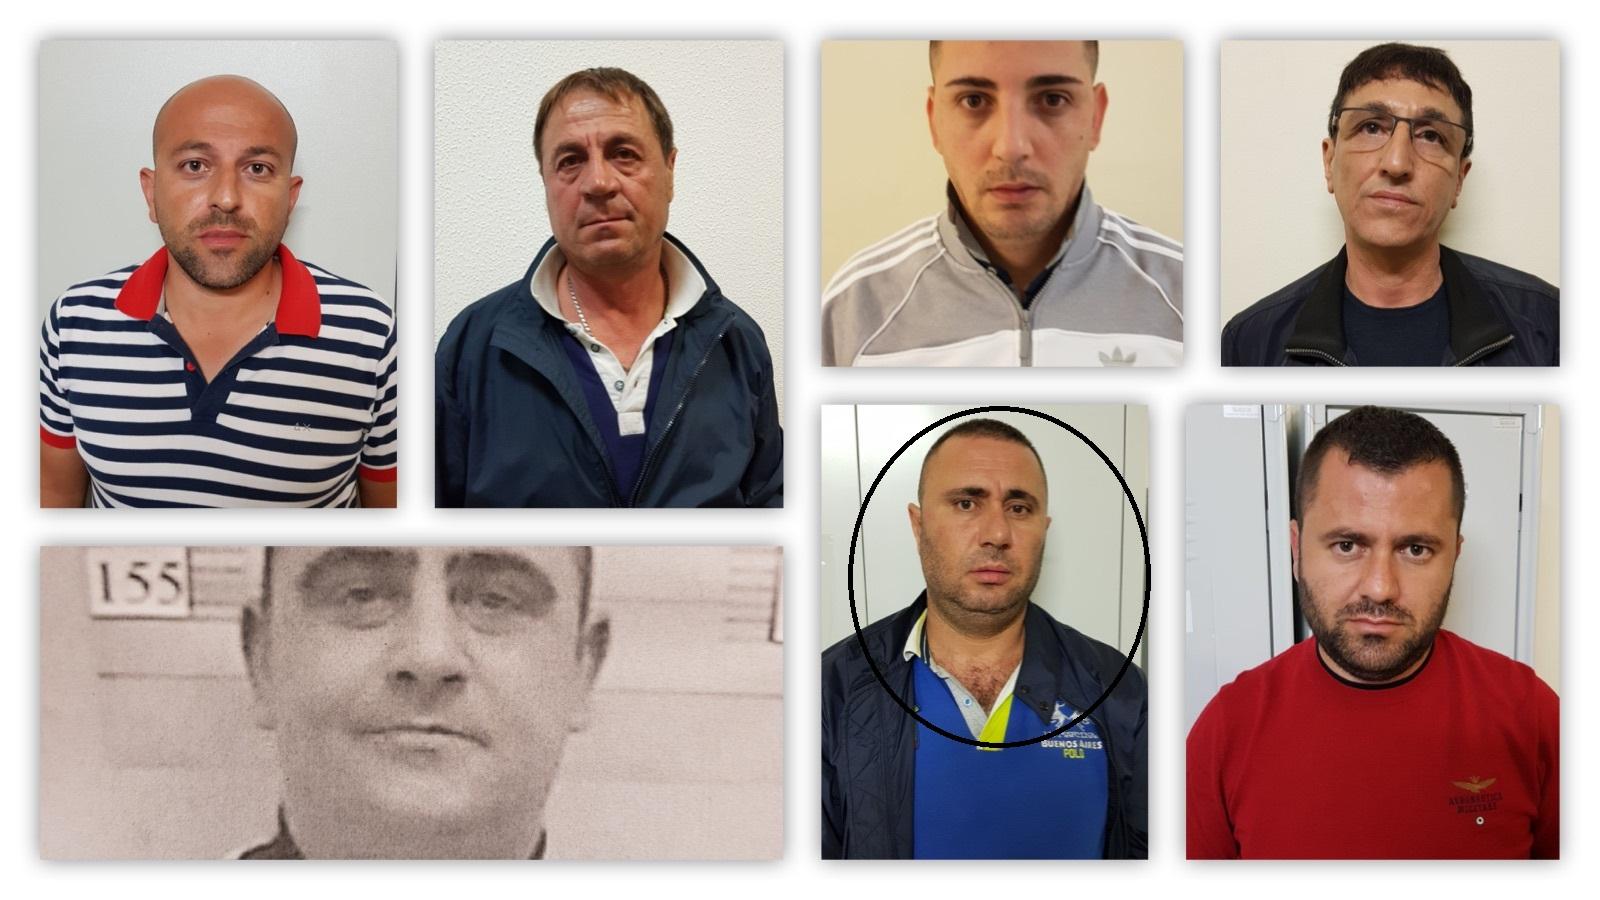 Grupi Habilaj, dosja shkon për gjykim te Krimet e Rënda me tri akuza për të pandehurit